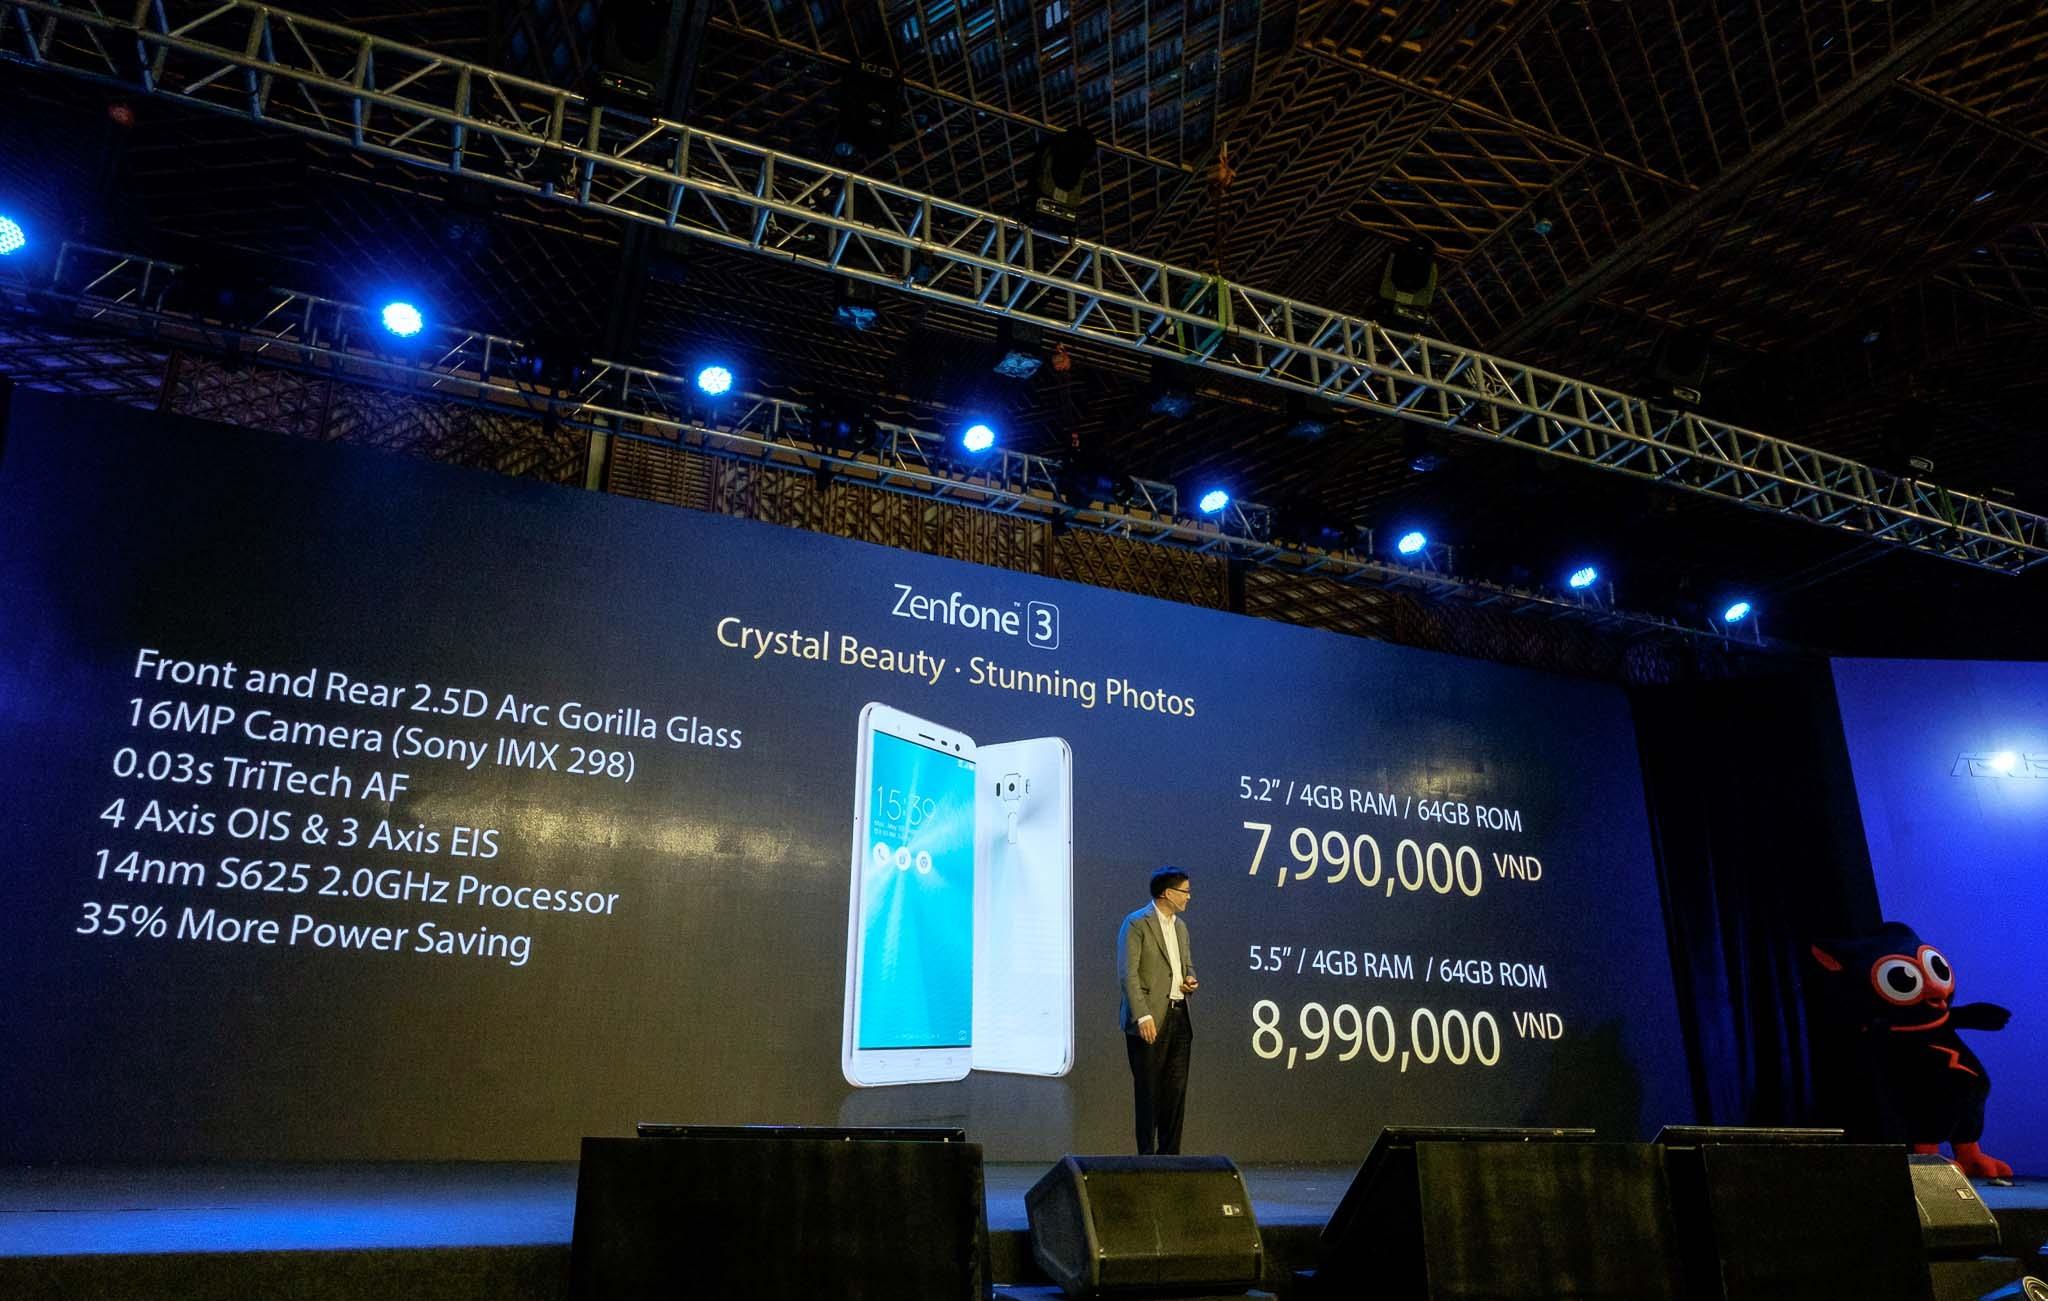 Giá bán và cấu hình của Zenfone 3.